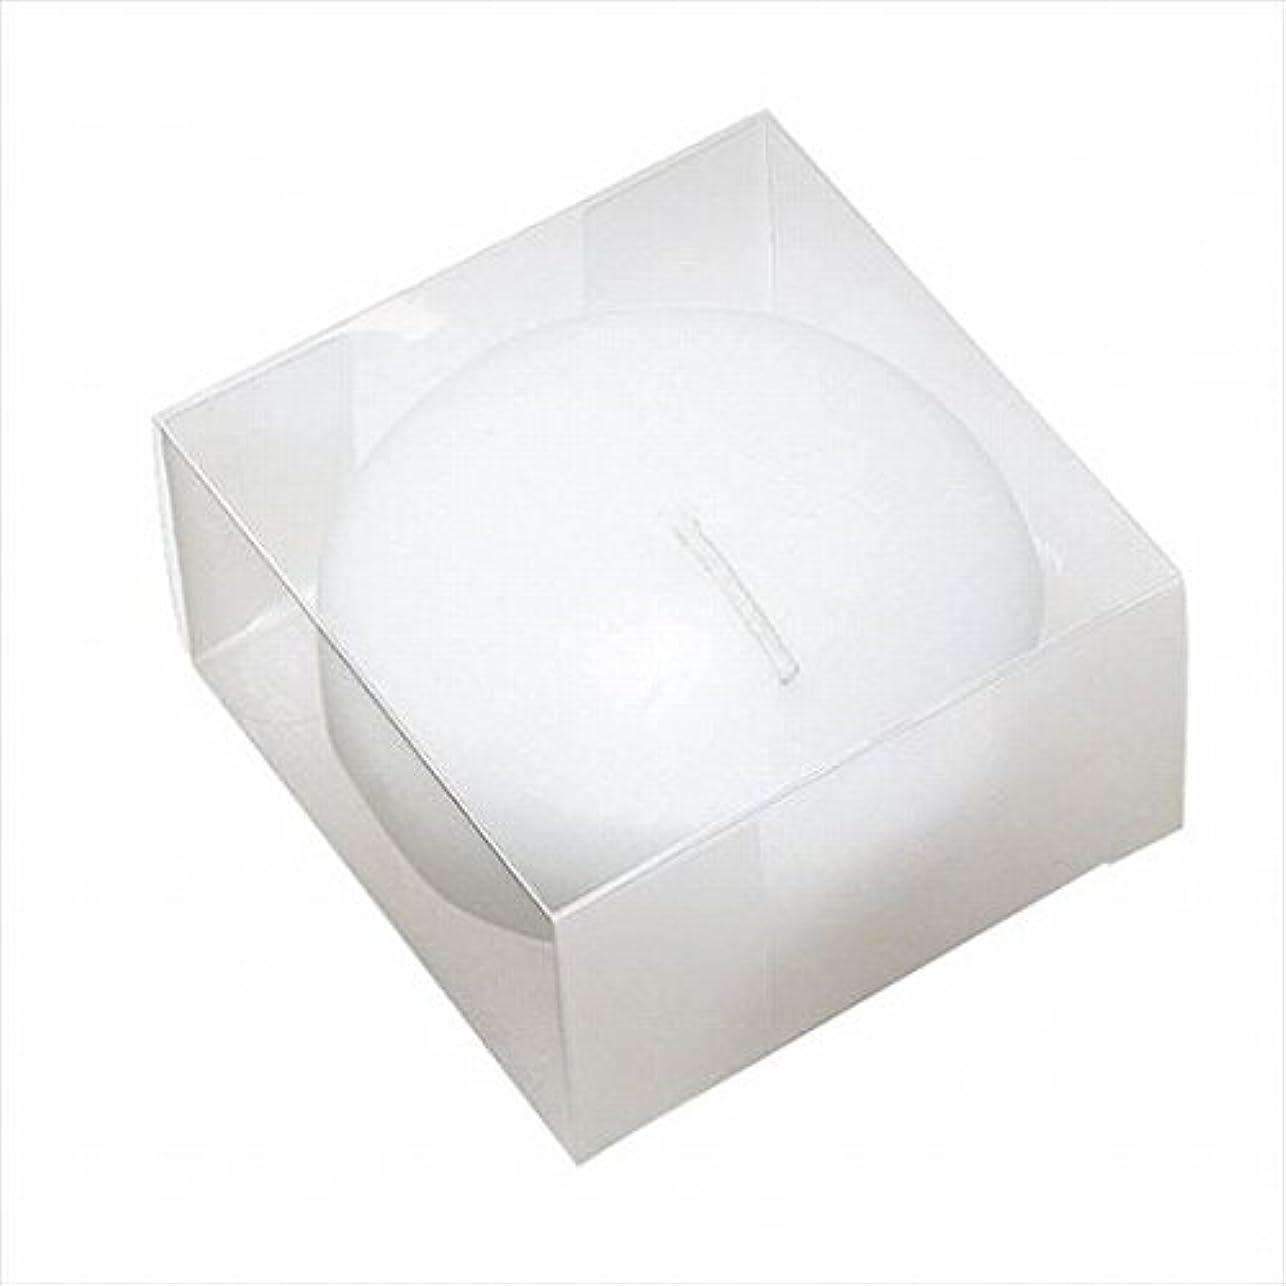 雰囲気絶望的なピジンカメヤマキャンドル(kameyama candle) プール80(箱入り) 「 ホワイト 」